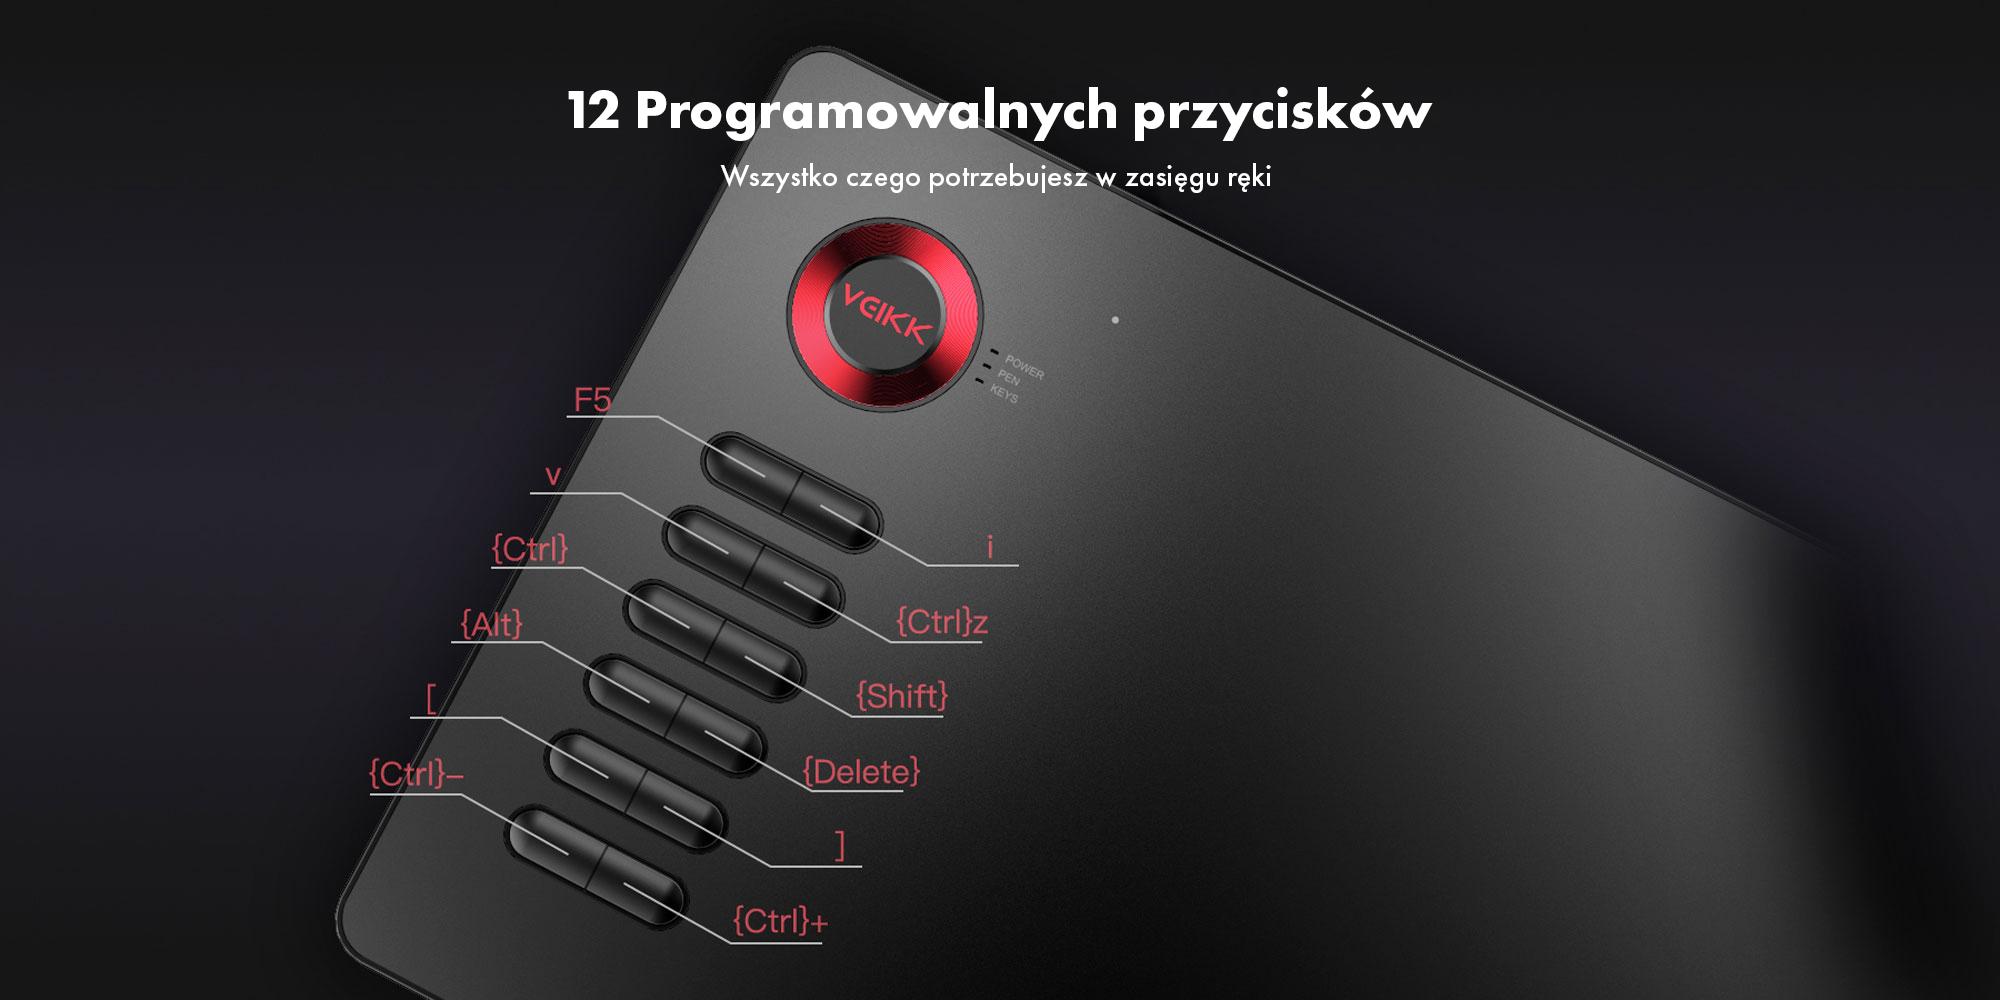 Grafika, na której widać przykładowe przypisanie skrótów klawiszowych do programowalnych przycisków tabletu graficznego Veikk